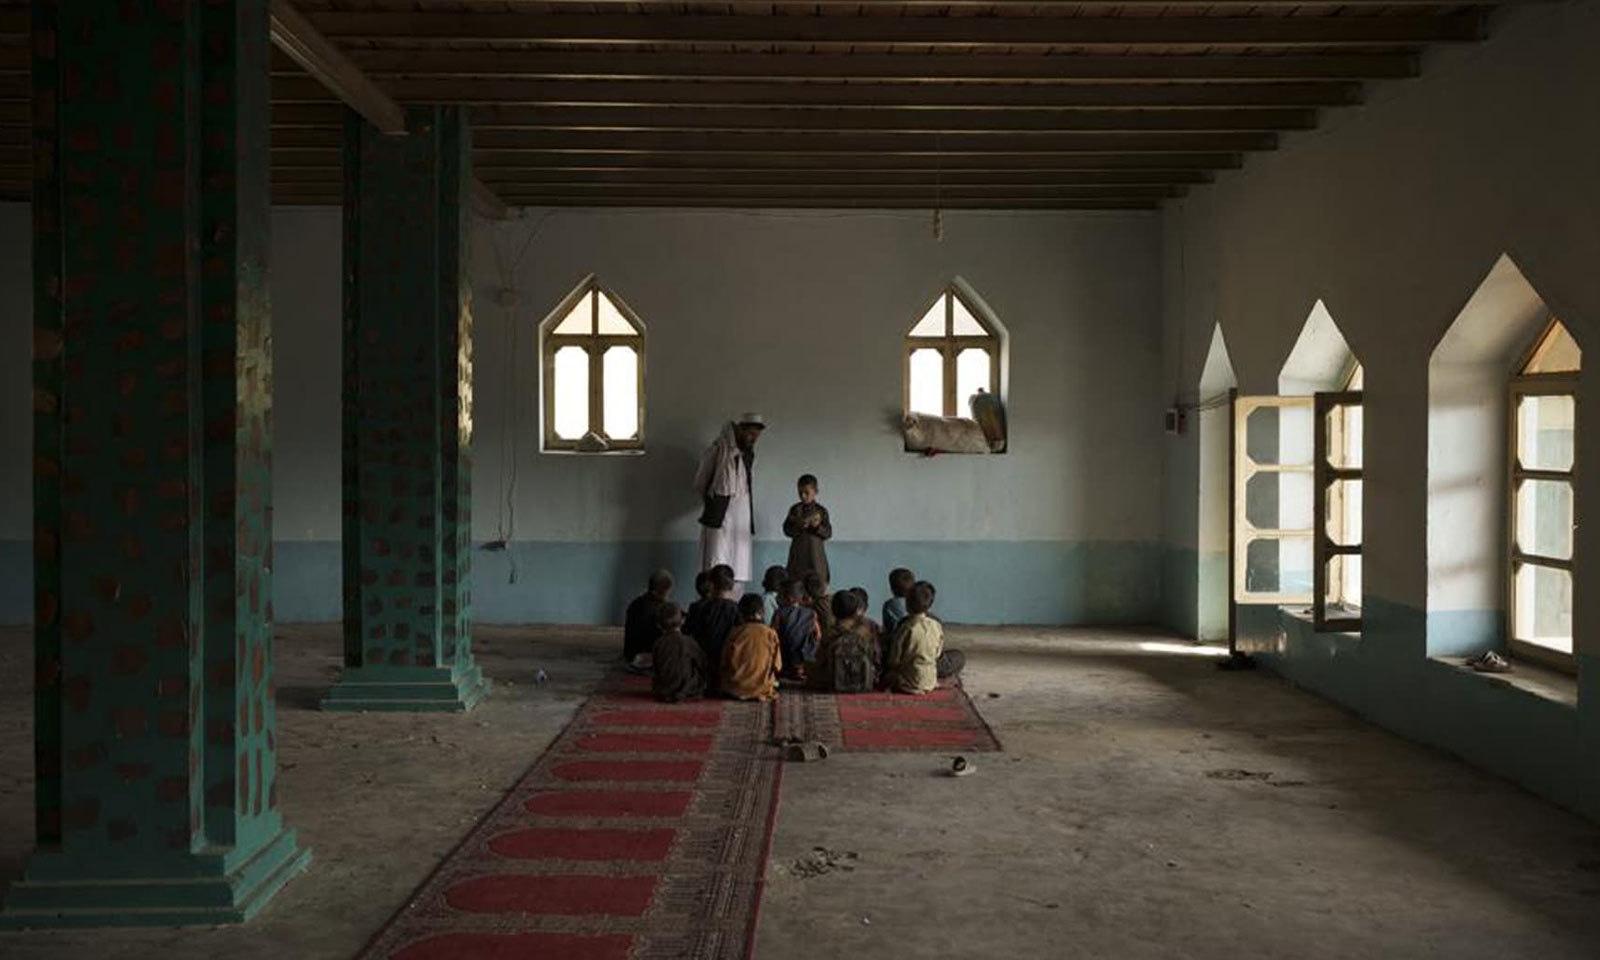 طالبان کے افغانستان پر قبضے کو ڈیڑھ ماہ کا عرصہ گزر چکا ہے—فوٹو: اے پی